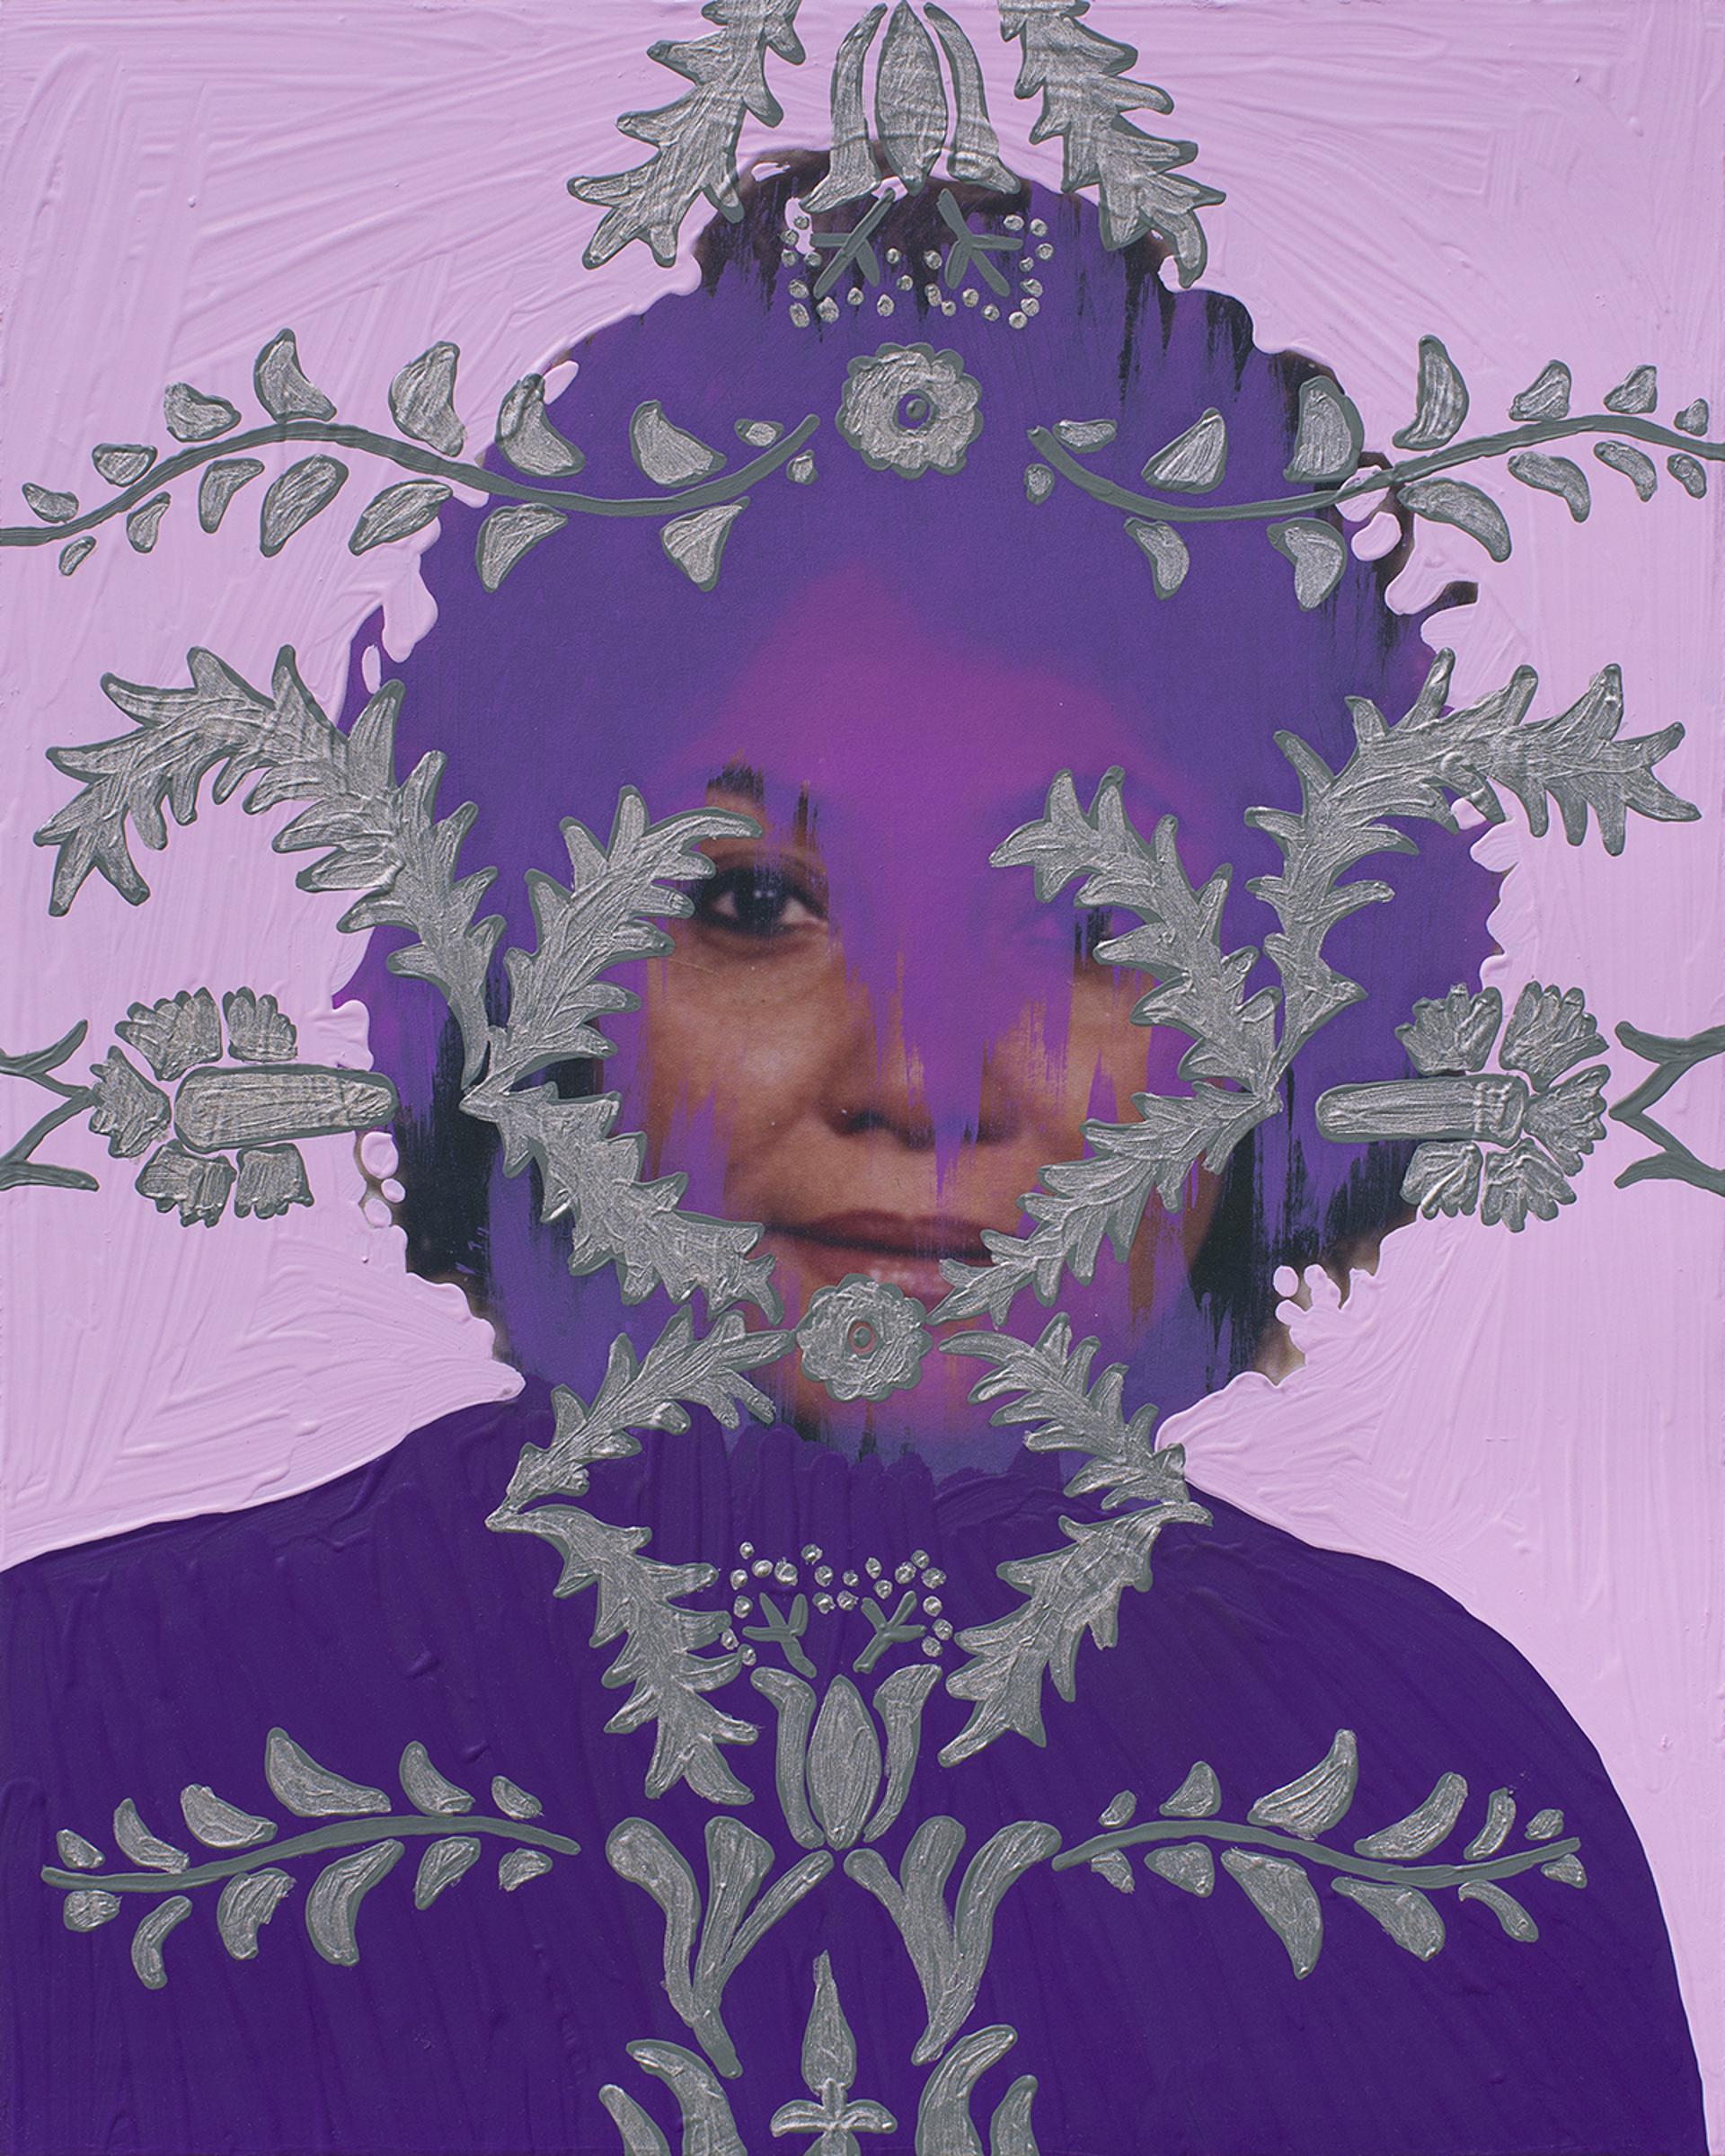 Untitled (Lucia Lezcano Hawkins) by Daisy Patton